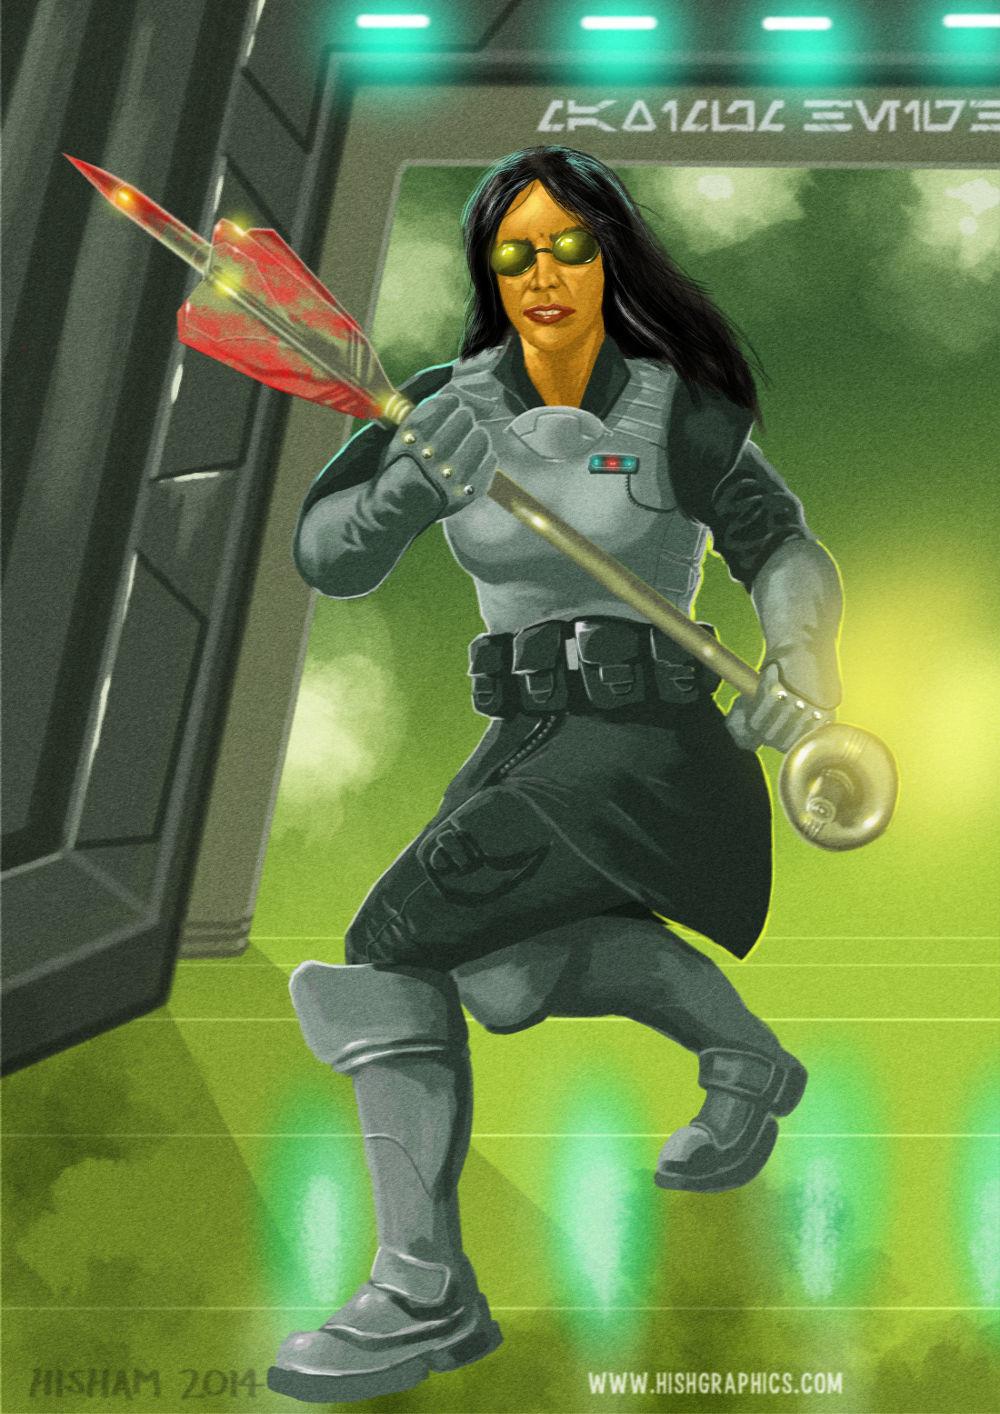 Shanna Toarinar, bounty hunter